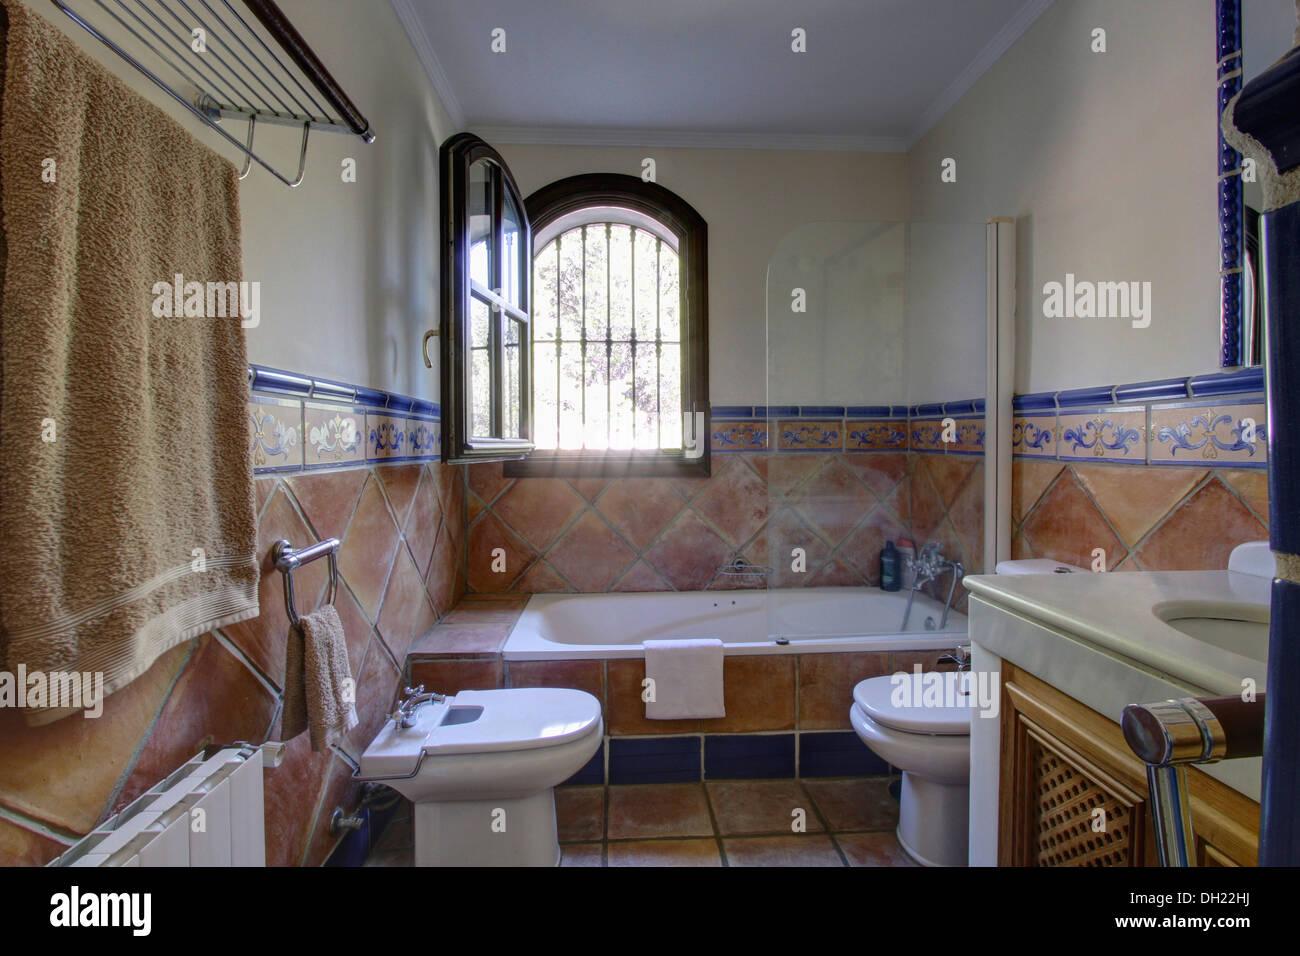 Aprire la finestra del bagno di cui sopra in spagnolo bagno con